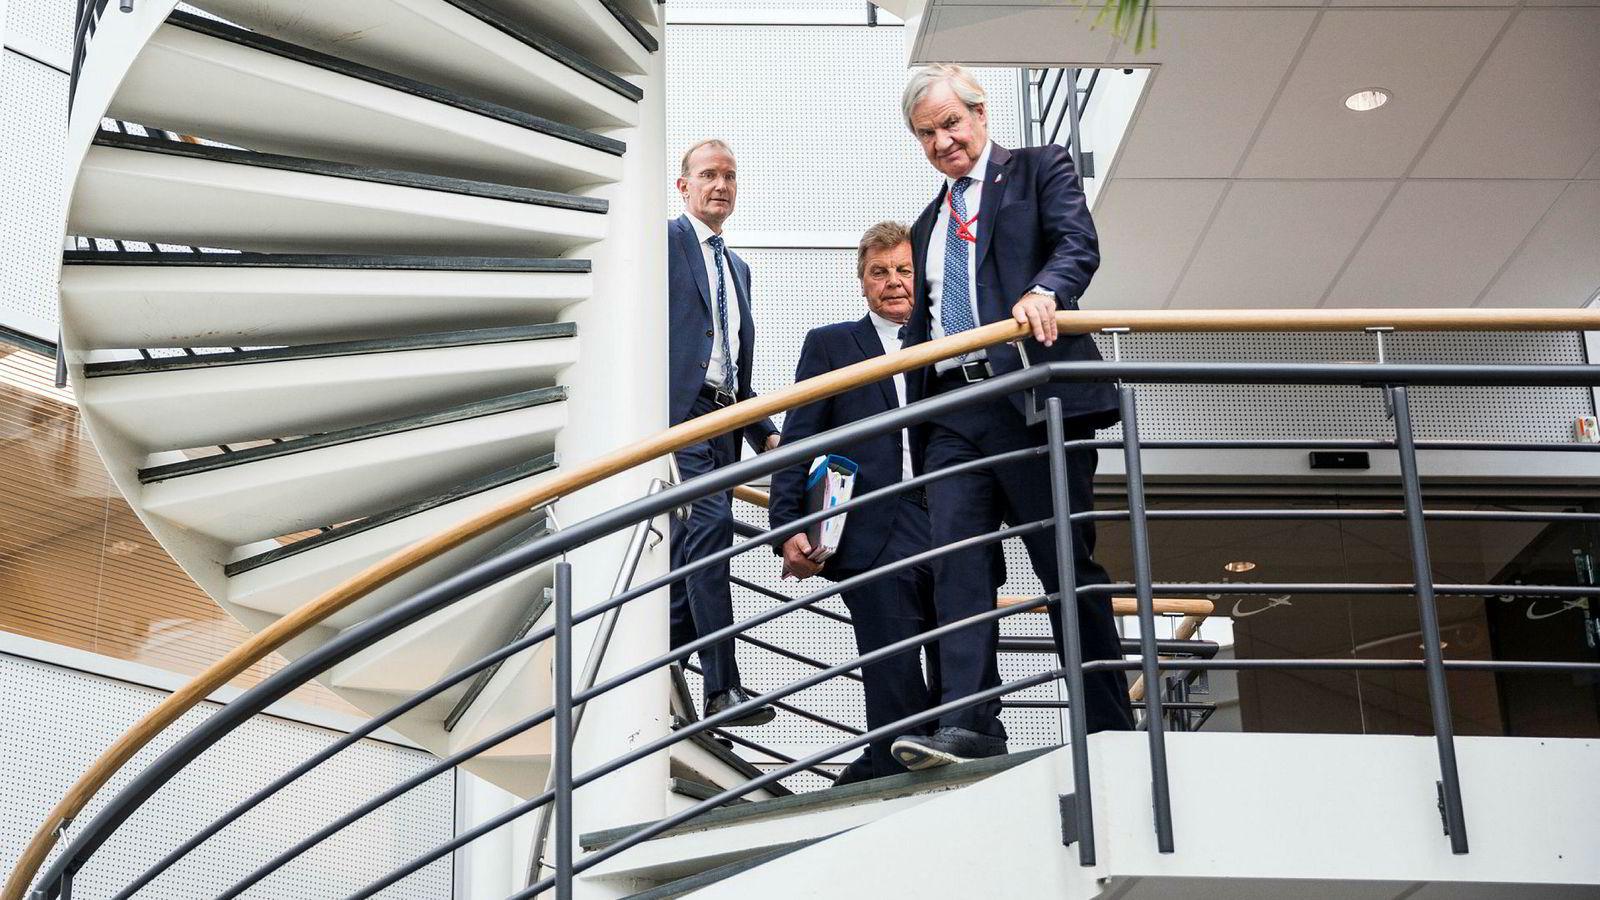 Forretningspartnerne Bjørn Kjos (fra høyre) og Bjørn H. Kise har finansiert en stor del av Norwegian-aksjene med banklån, og senere har kursen falt kraftig. Her med Norwegians nye styreleder Niels Smedegaard på hovedkontoret på Fornebu i vår.